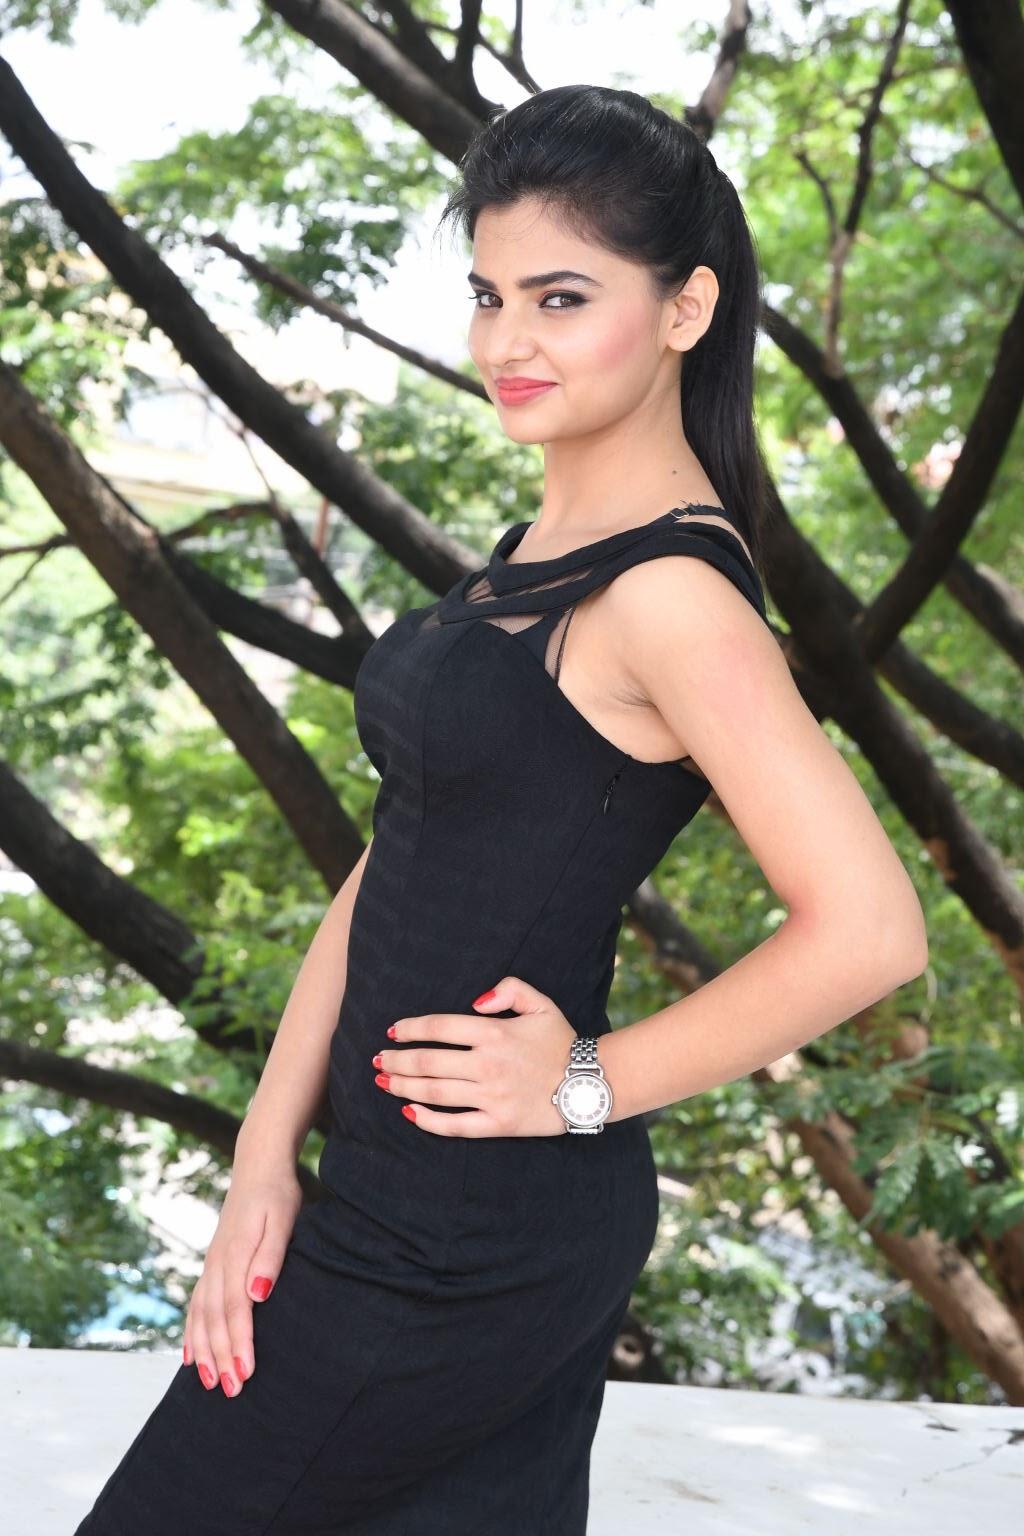 kamna ranawat new glam pics-HQ-Photo-36